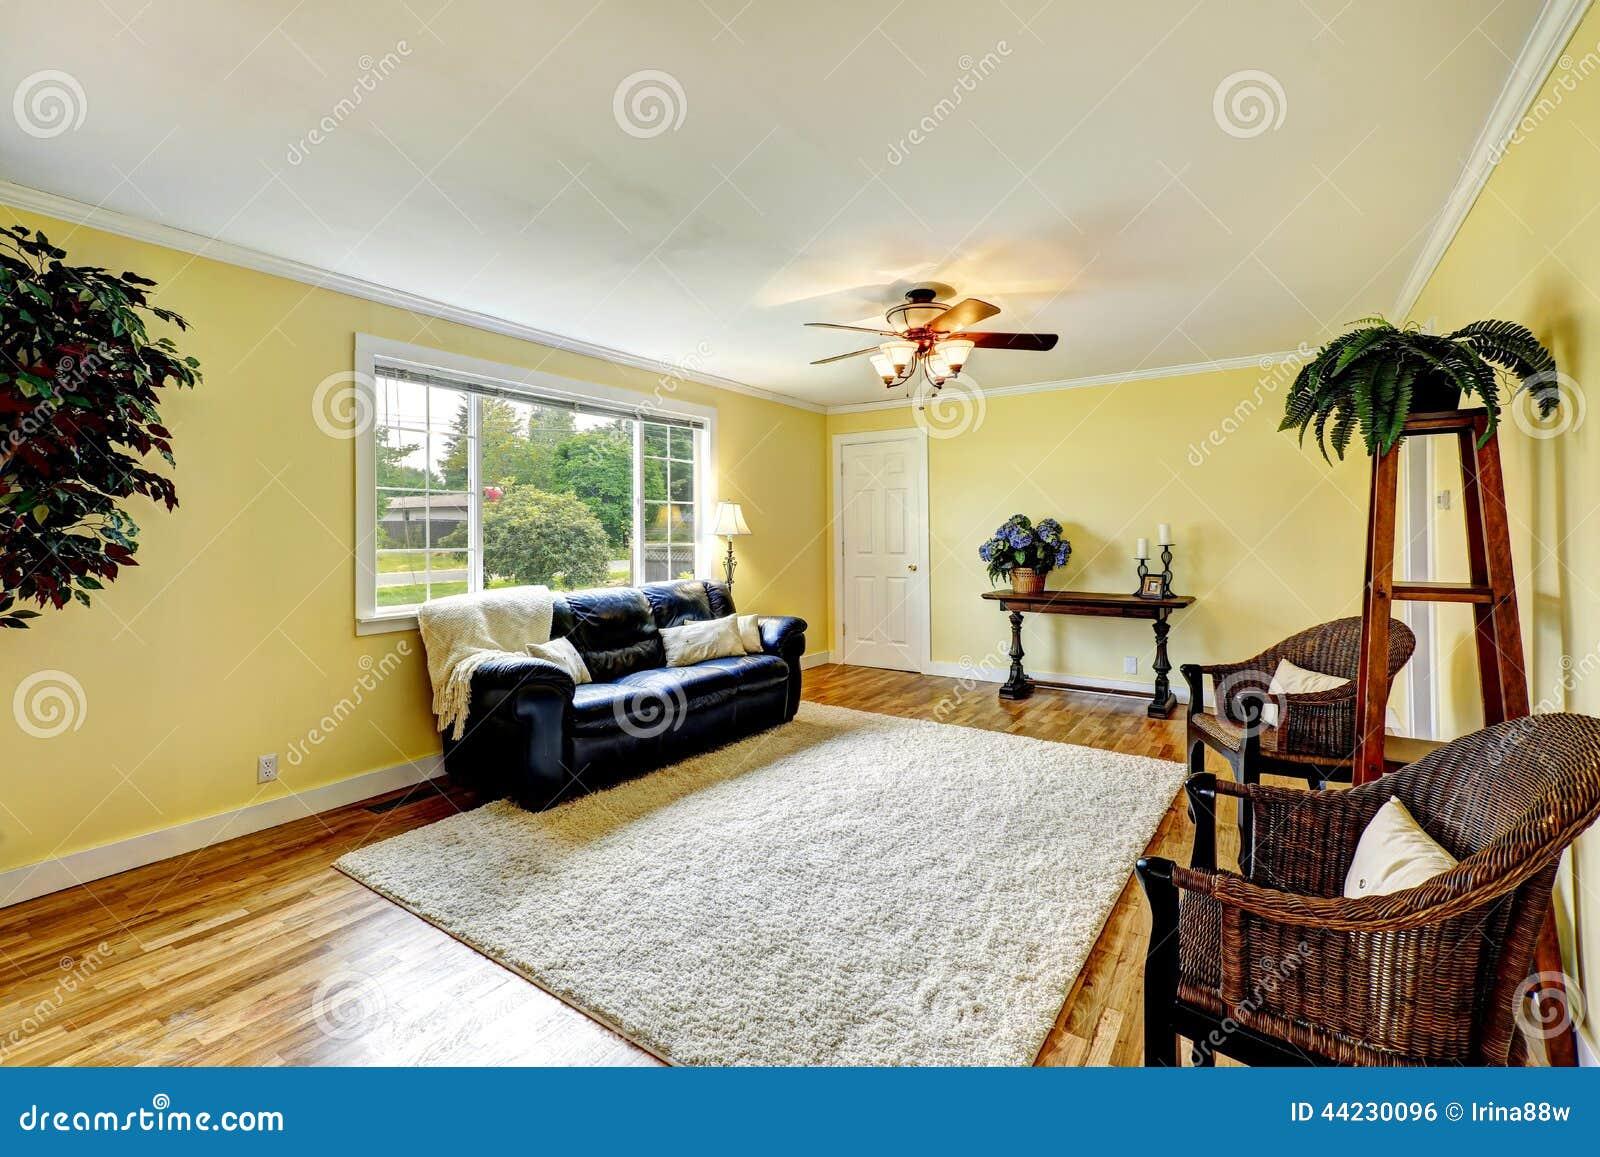 Gele muur woonkamer 57 images woonkamer met bruine bank en gele stoel stock afbeelding - Grijze en rode muur ...